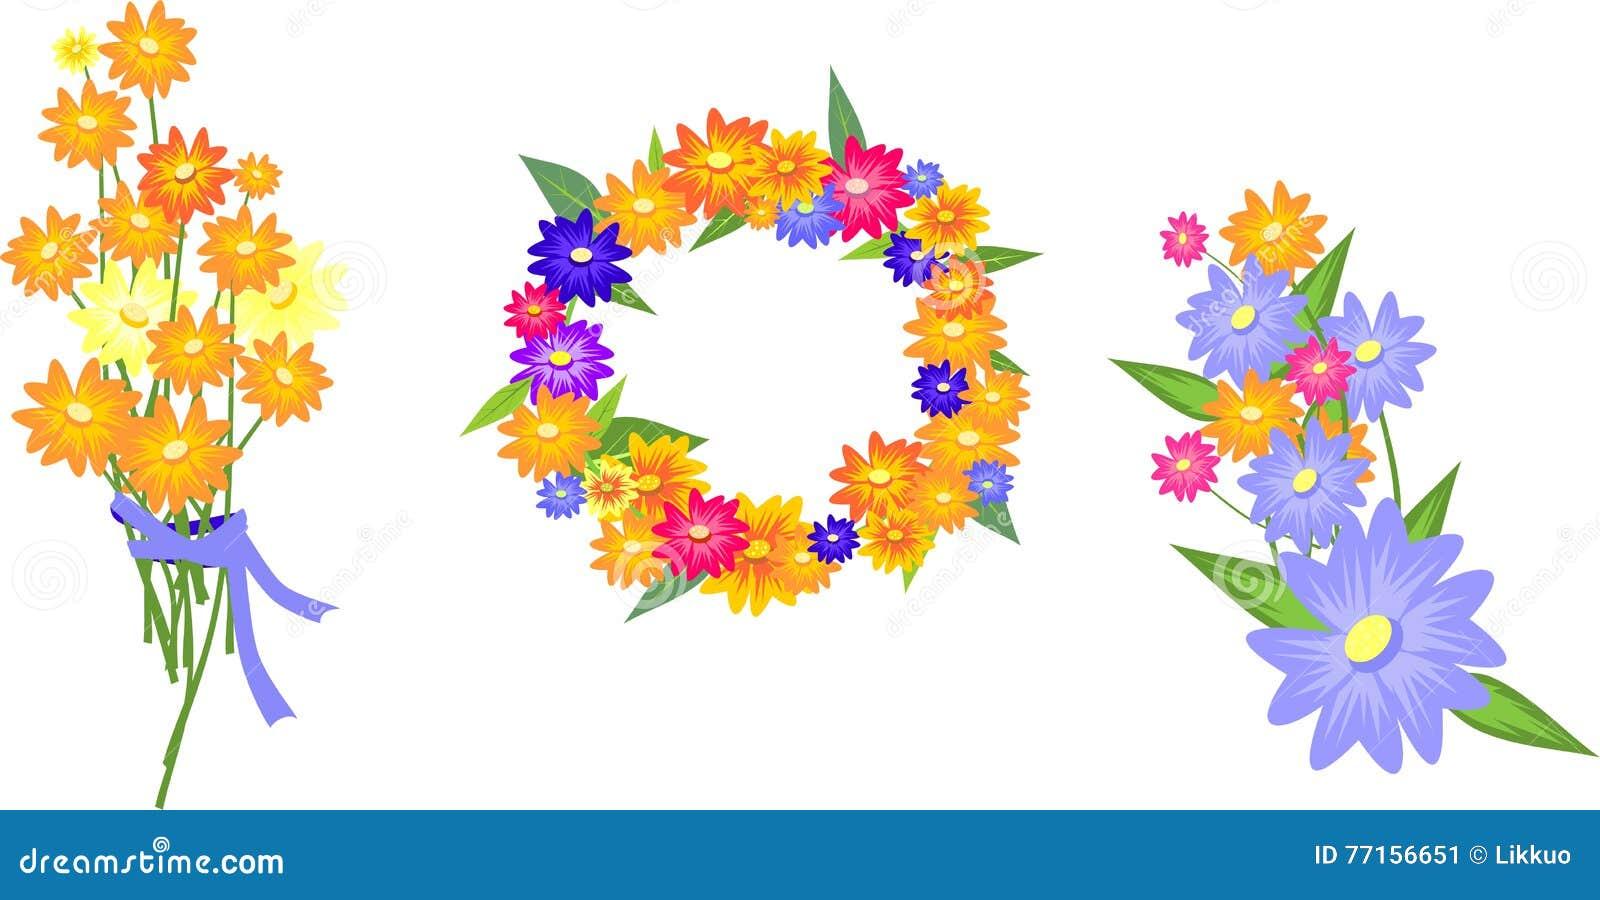 Jolie illustration avec des fleurs